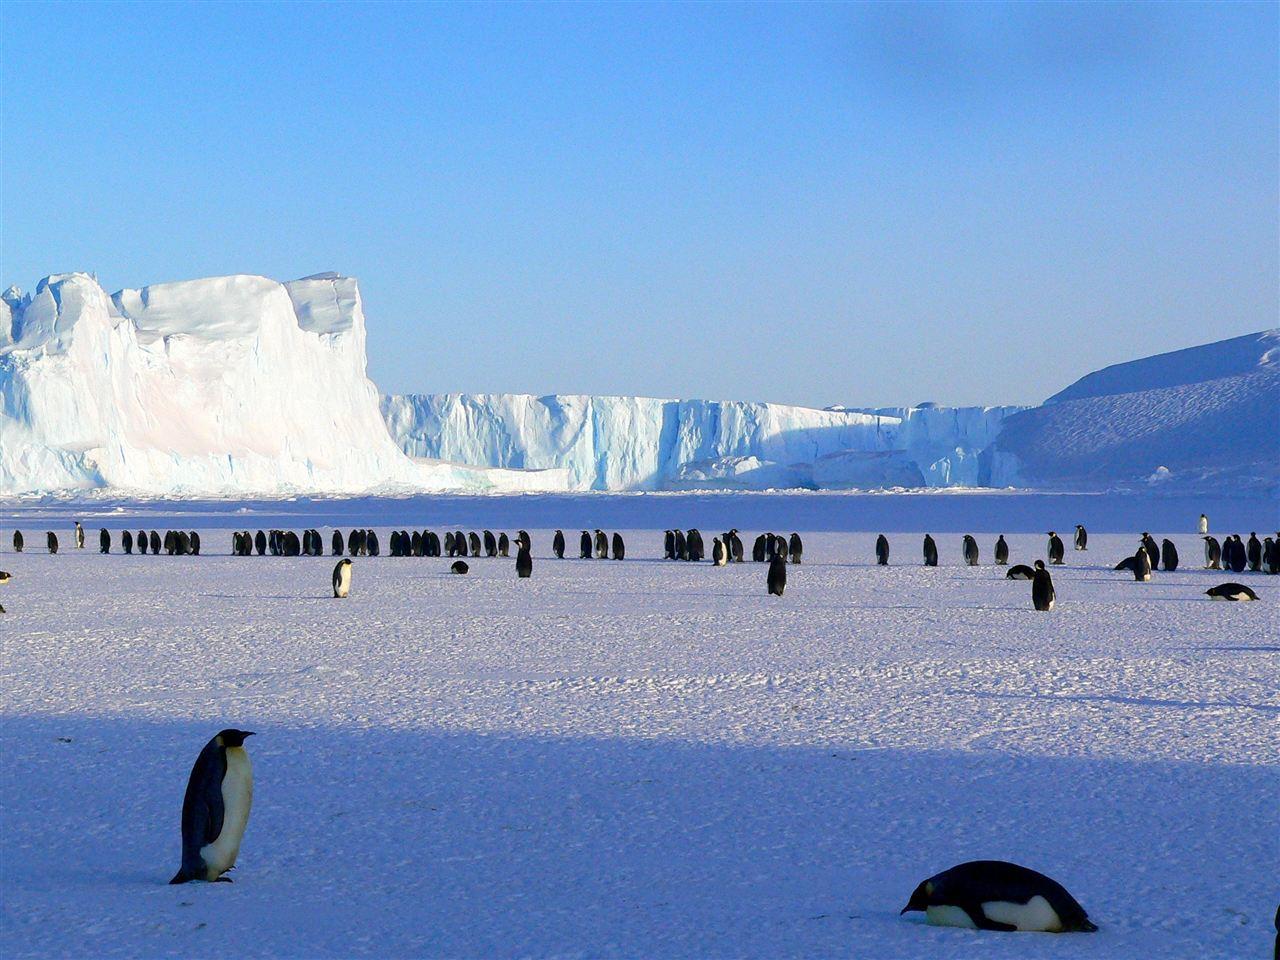 以史为鉴 新技术分析十几万年前冰川融化事件